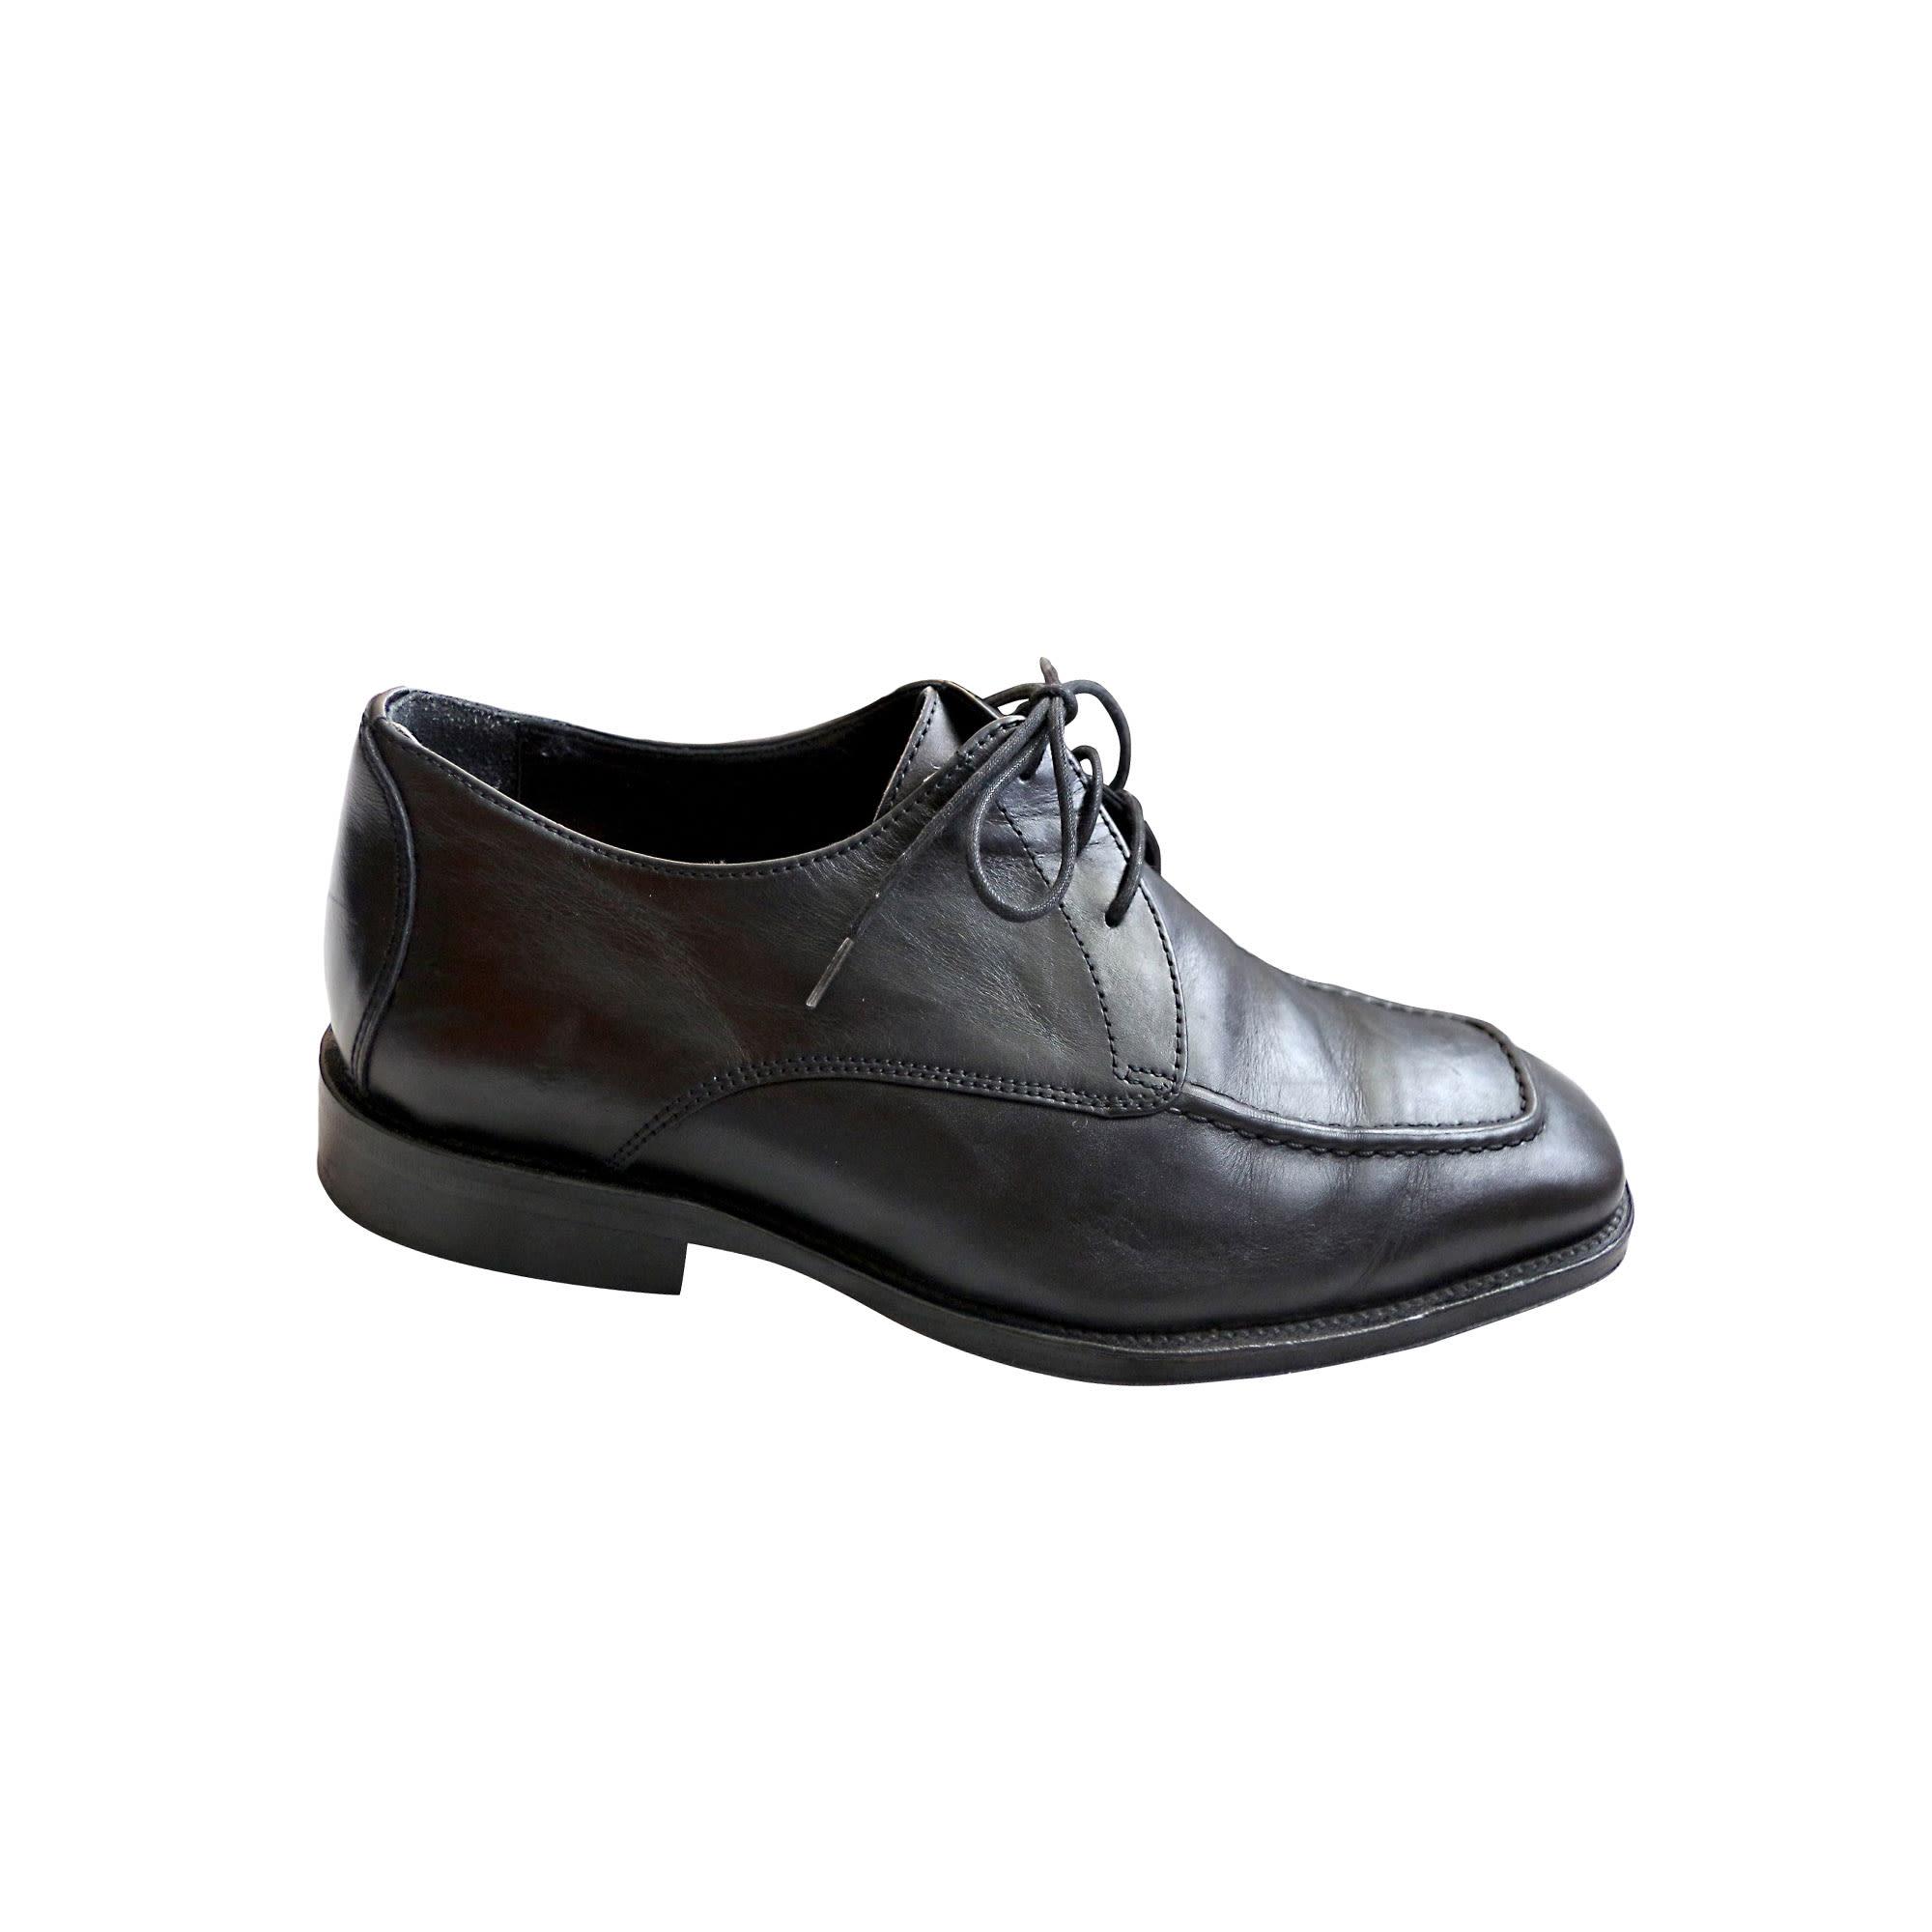 Chaussures à lacets EDEN PARK Noir